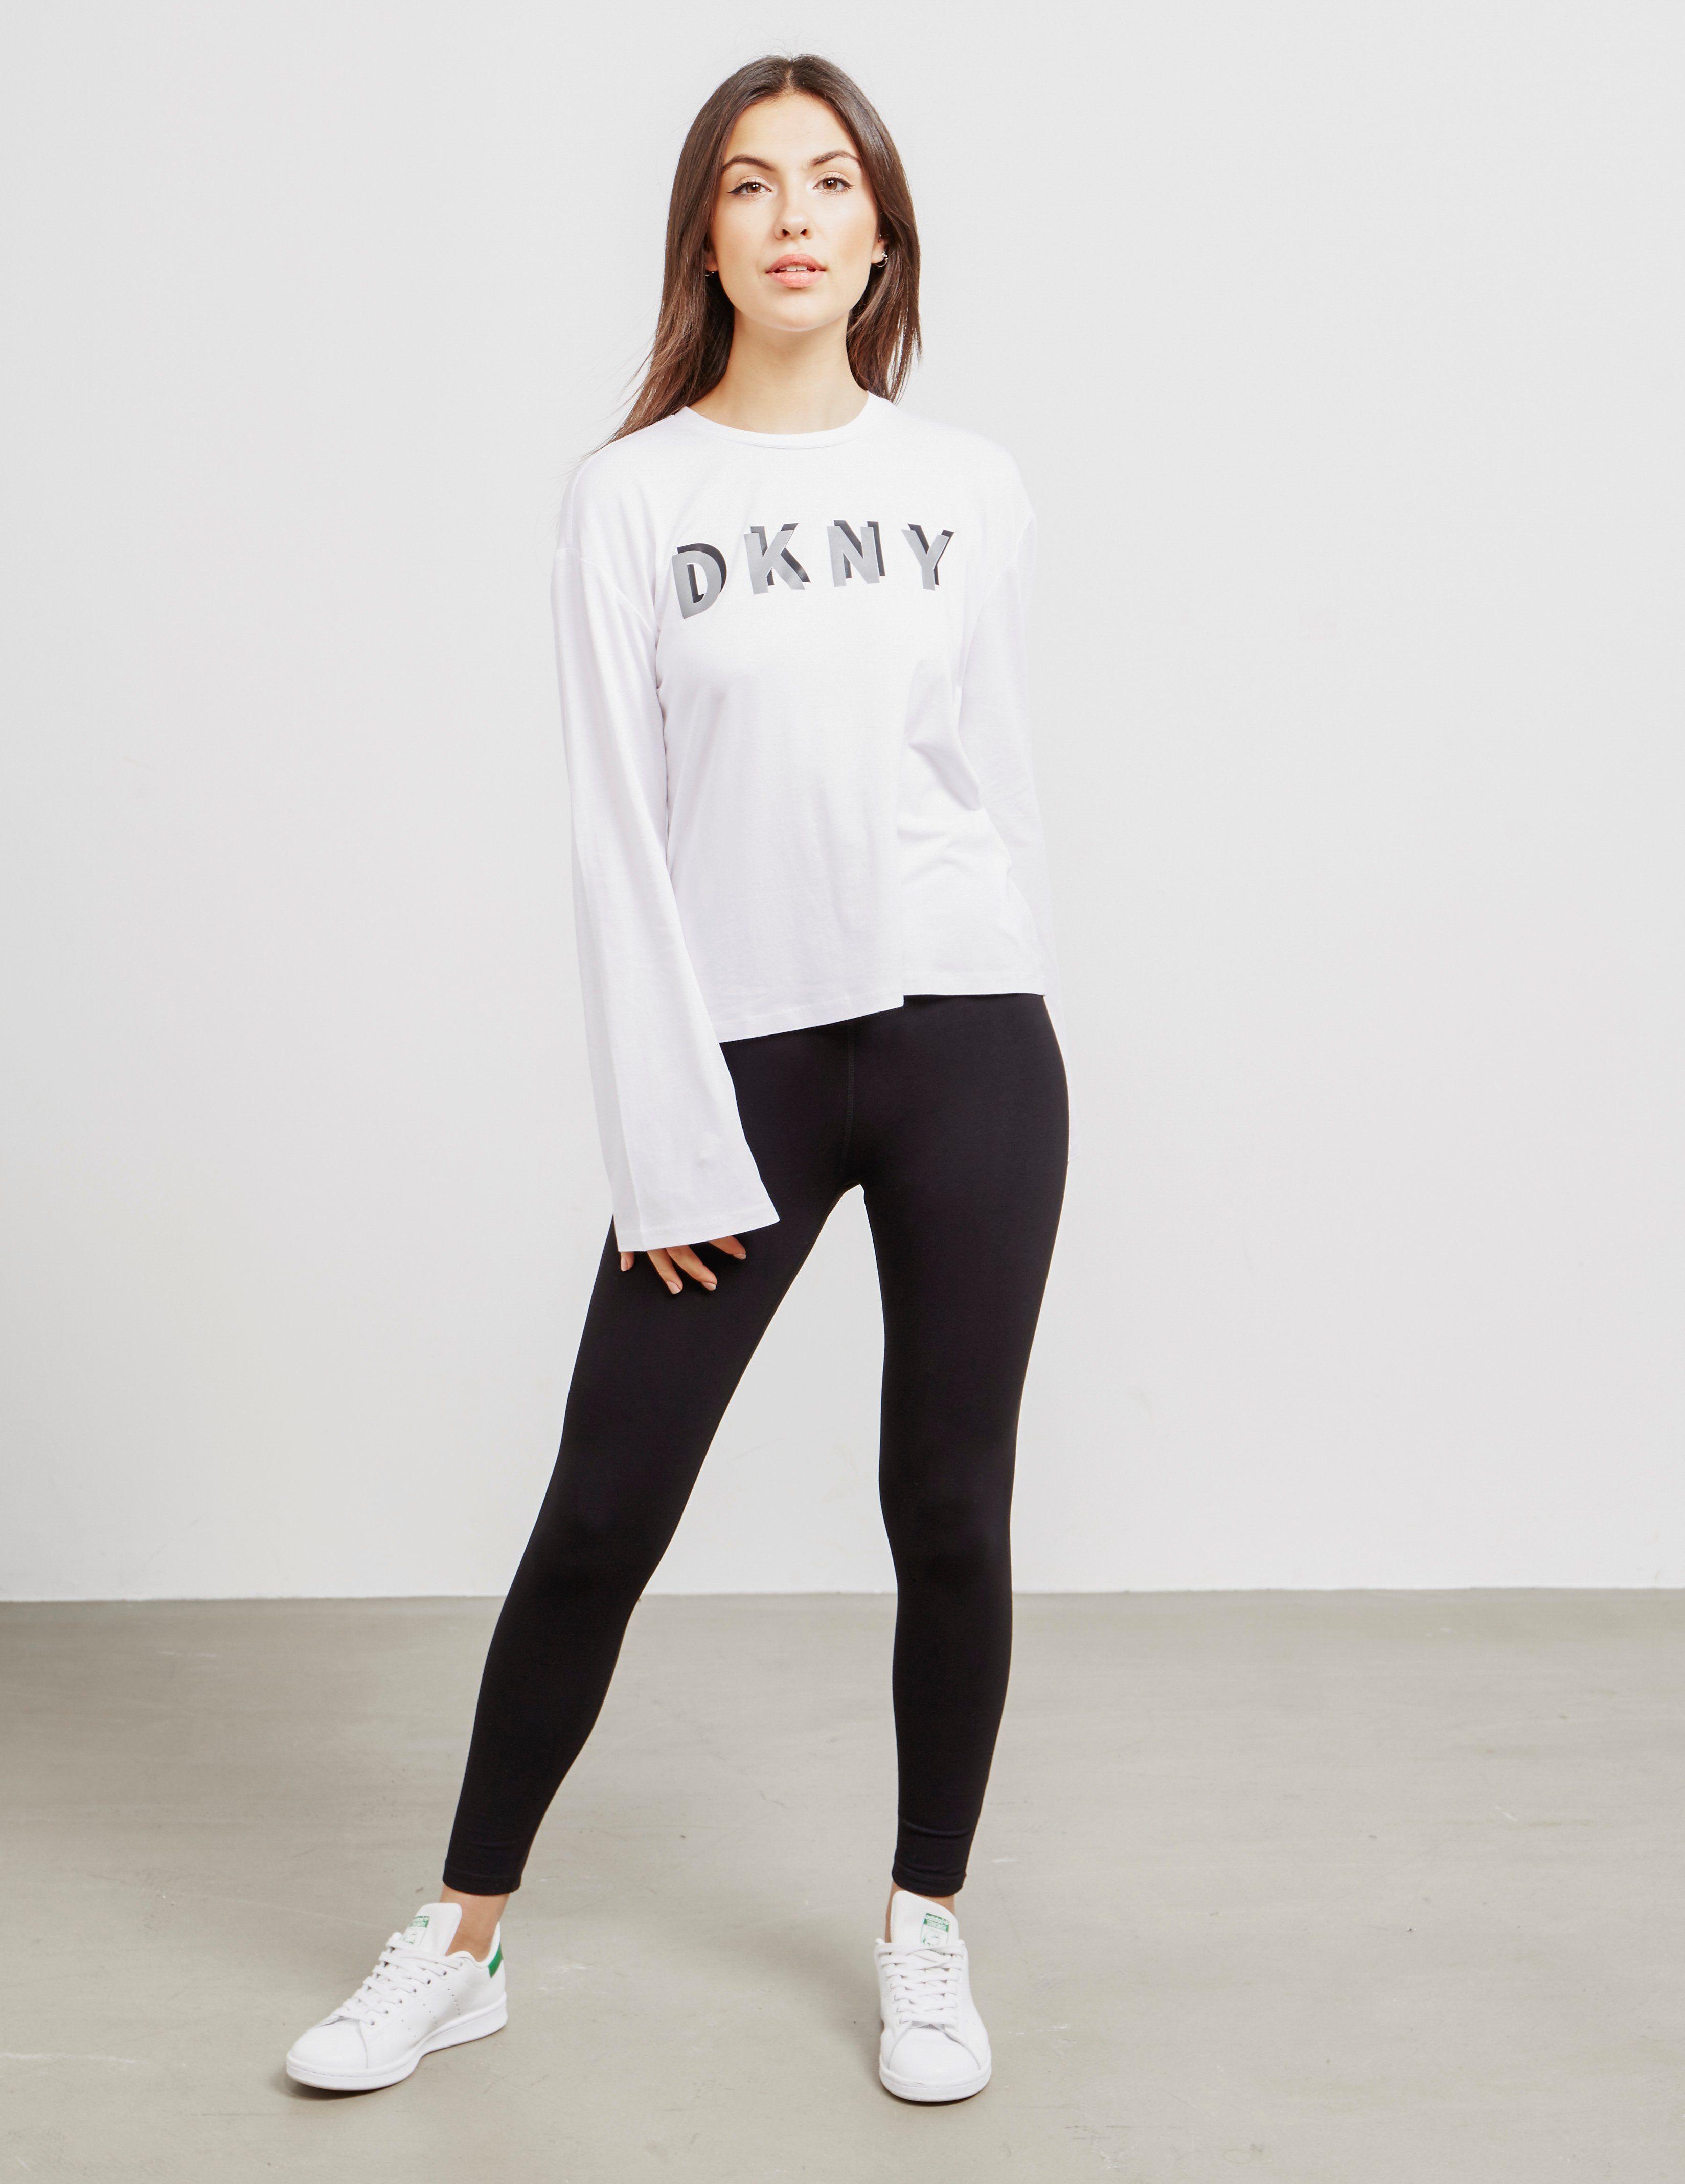 DKNY Boxy Long Sleeve T-Shirt